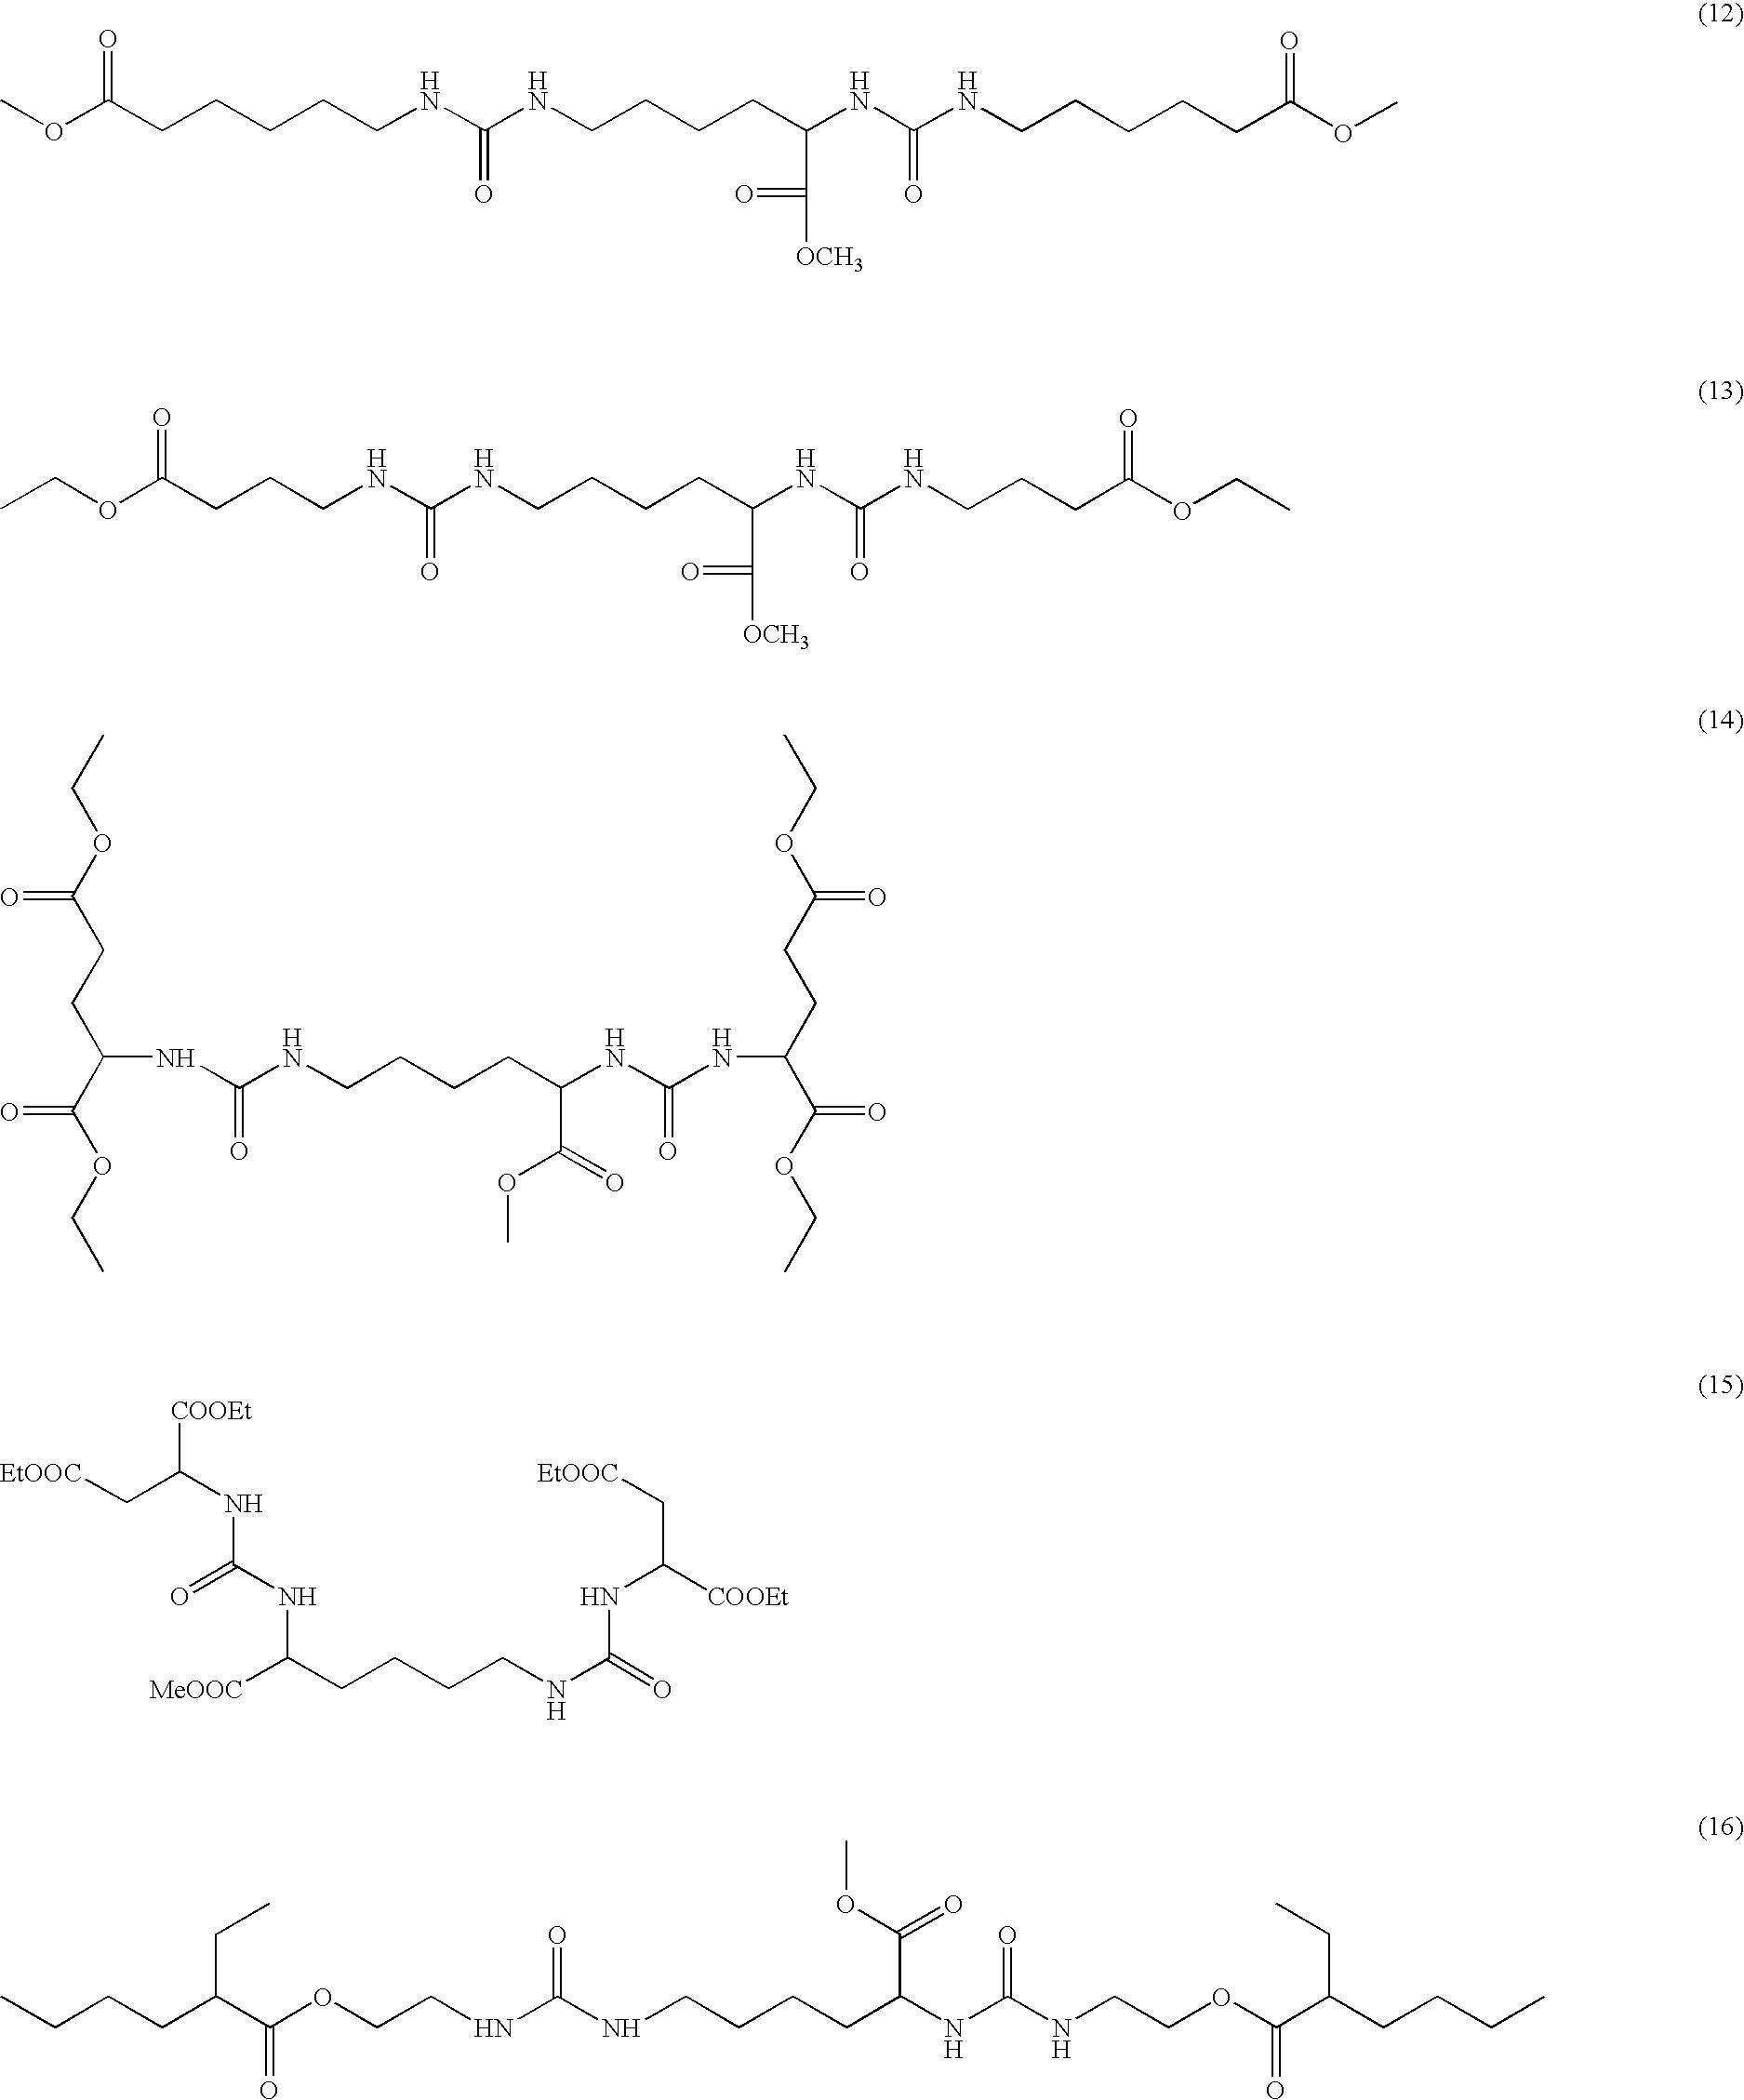 Figure US20060155146A1-20060713-C00006